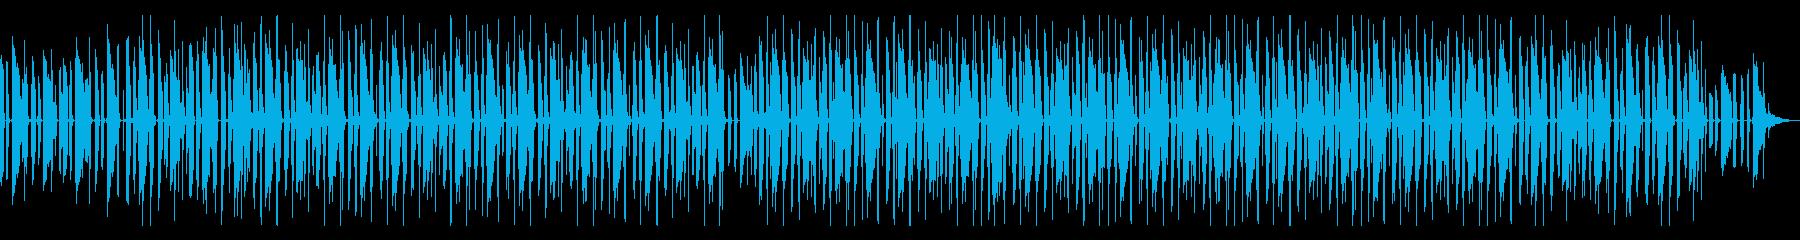 淡々と程よいノリのBGM タイムラプス等の再生済みの波形